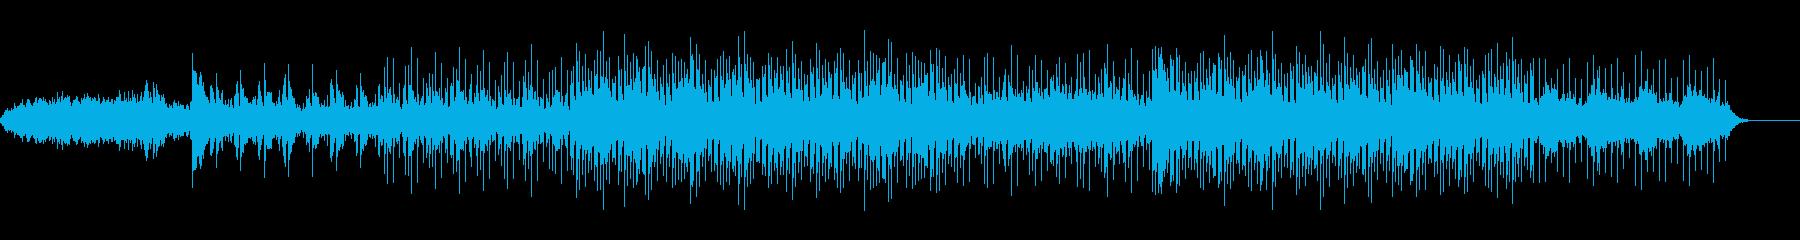 アンビエント環境音楽ヒーリング-02の再生済みの波形